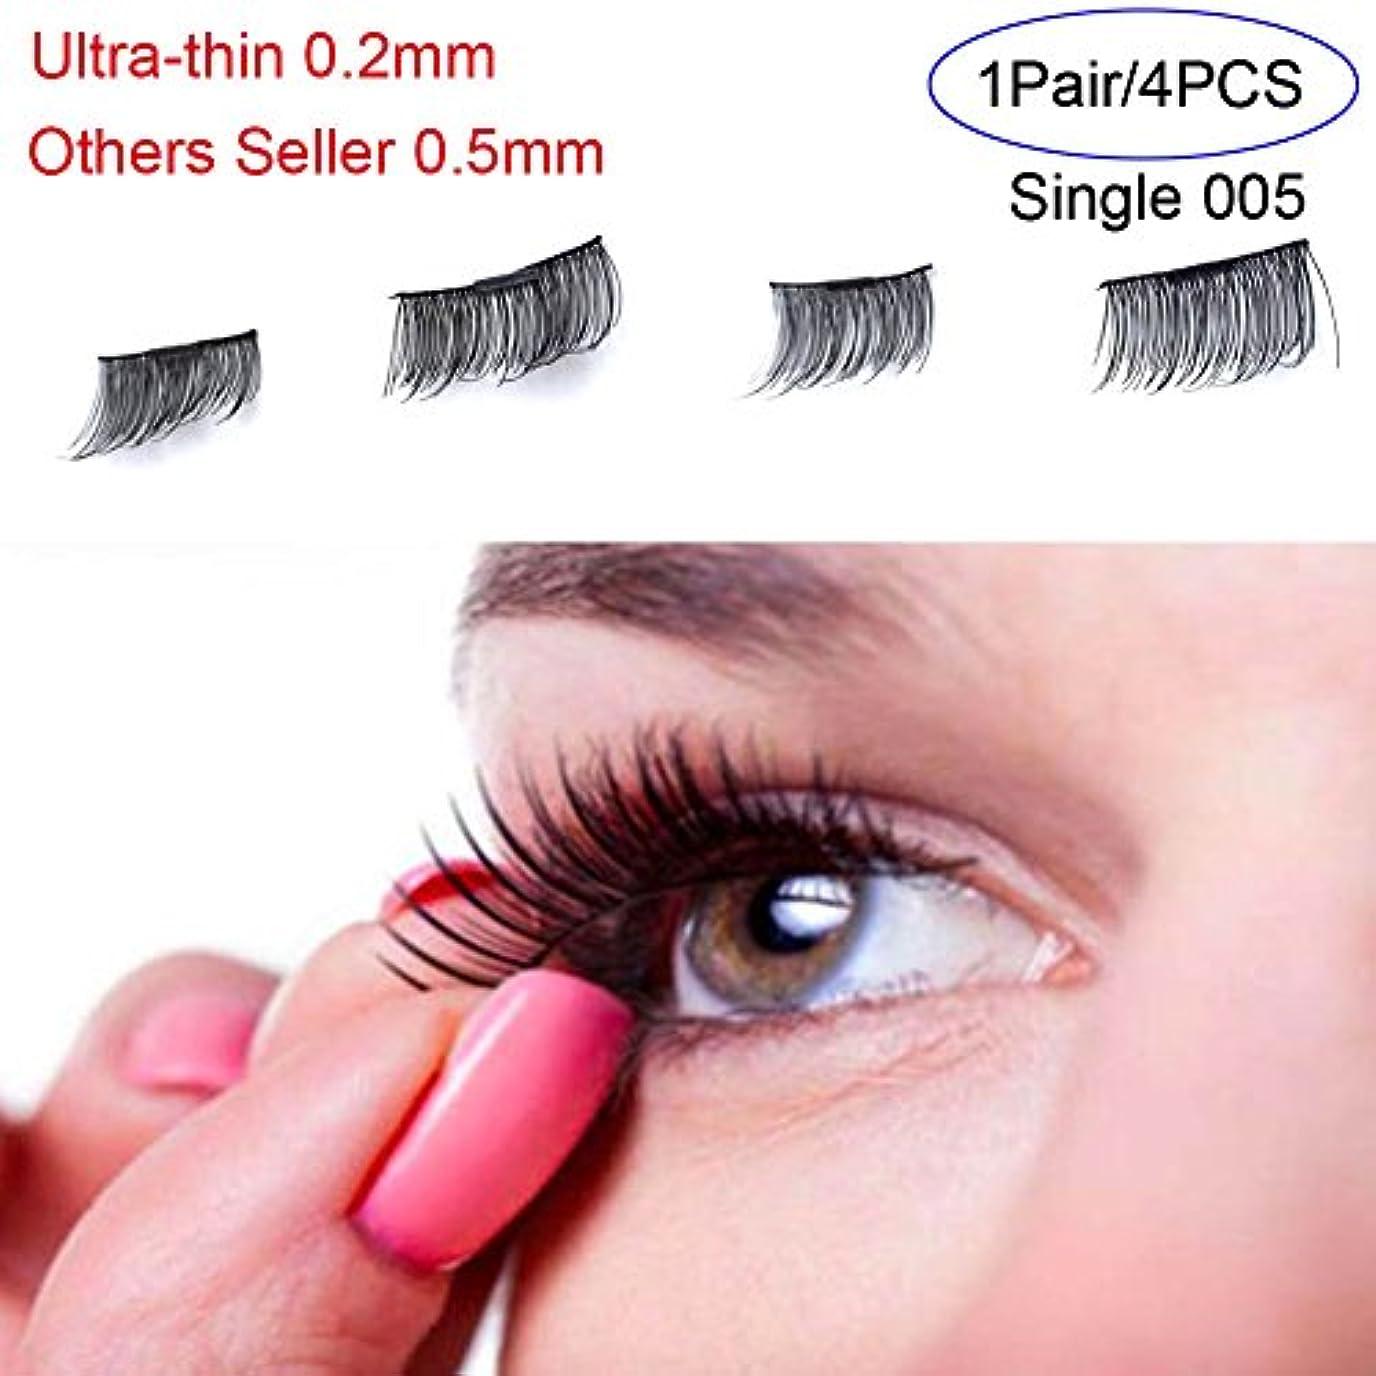 応用心のこもった潤滑するxlp つけまつ毛 まつ毛 つけまつげ 磁気 長繊維 接着剤不要 単マグネット 超薄型0.2mmアイラッシュ False Fake Eyelashes 自然